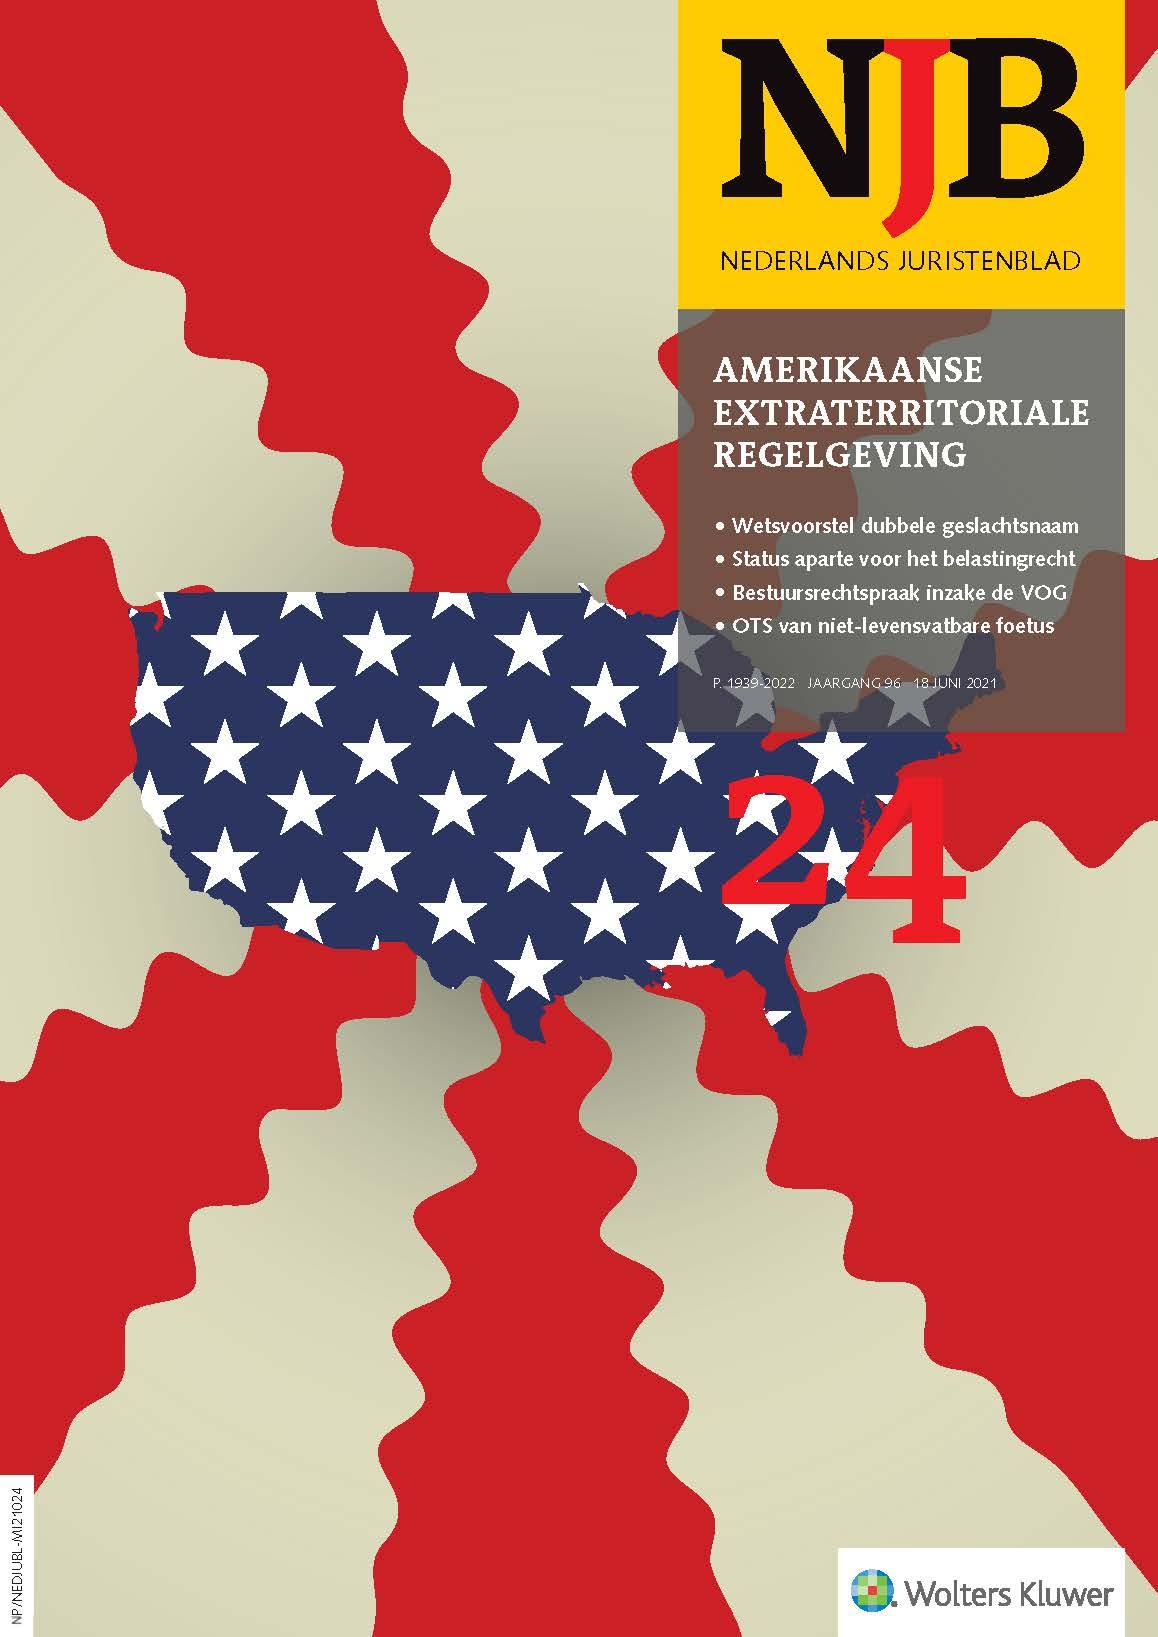 De impact van Amerikaanse extraterritoriale regelgeving op Nederlandse belangen